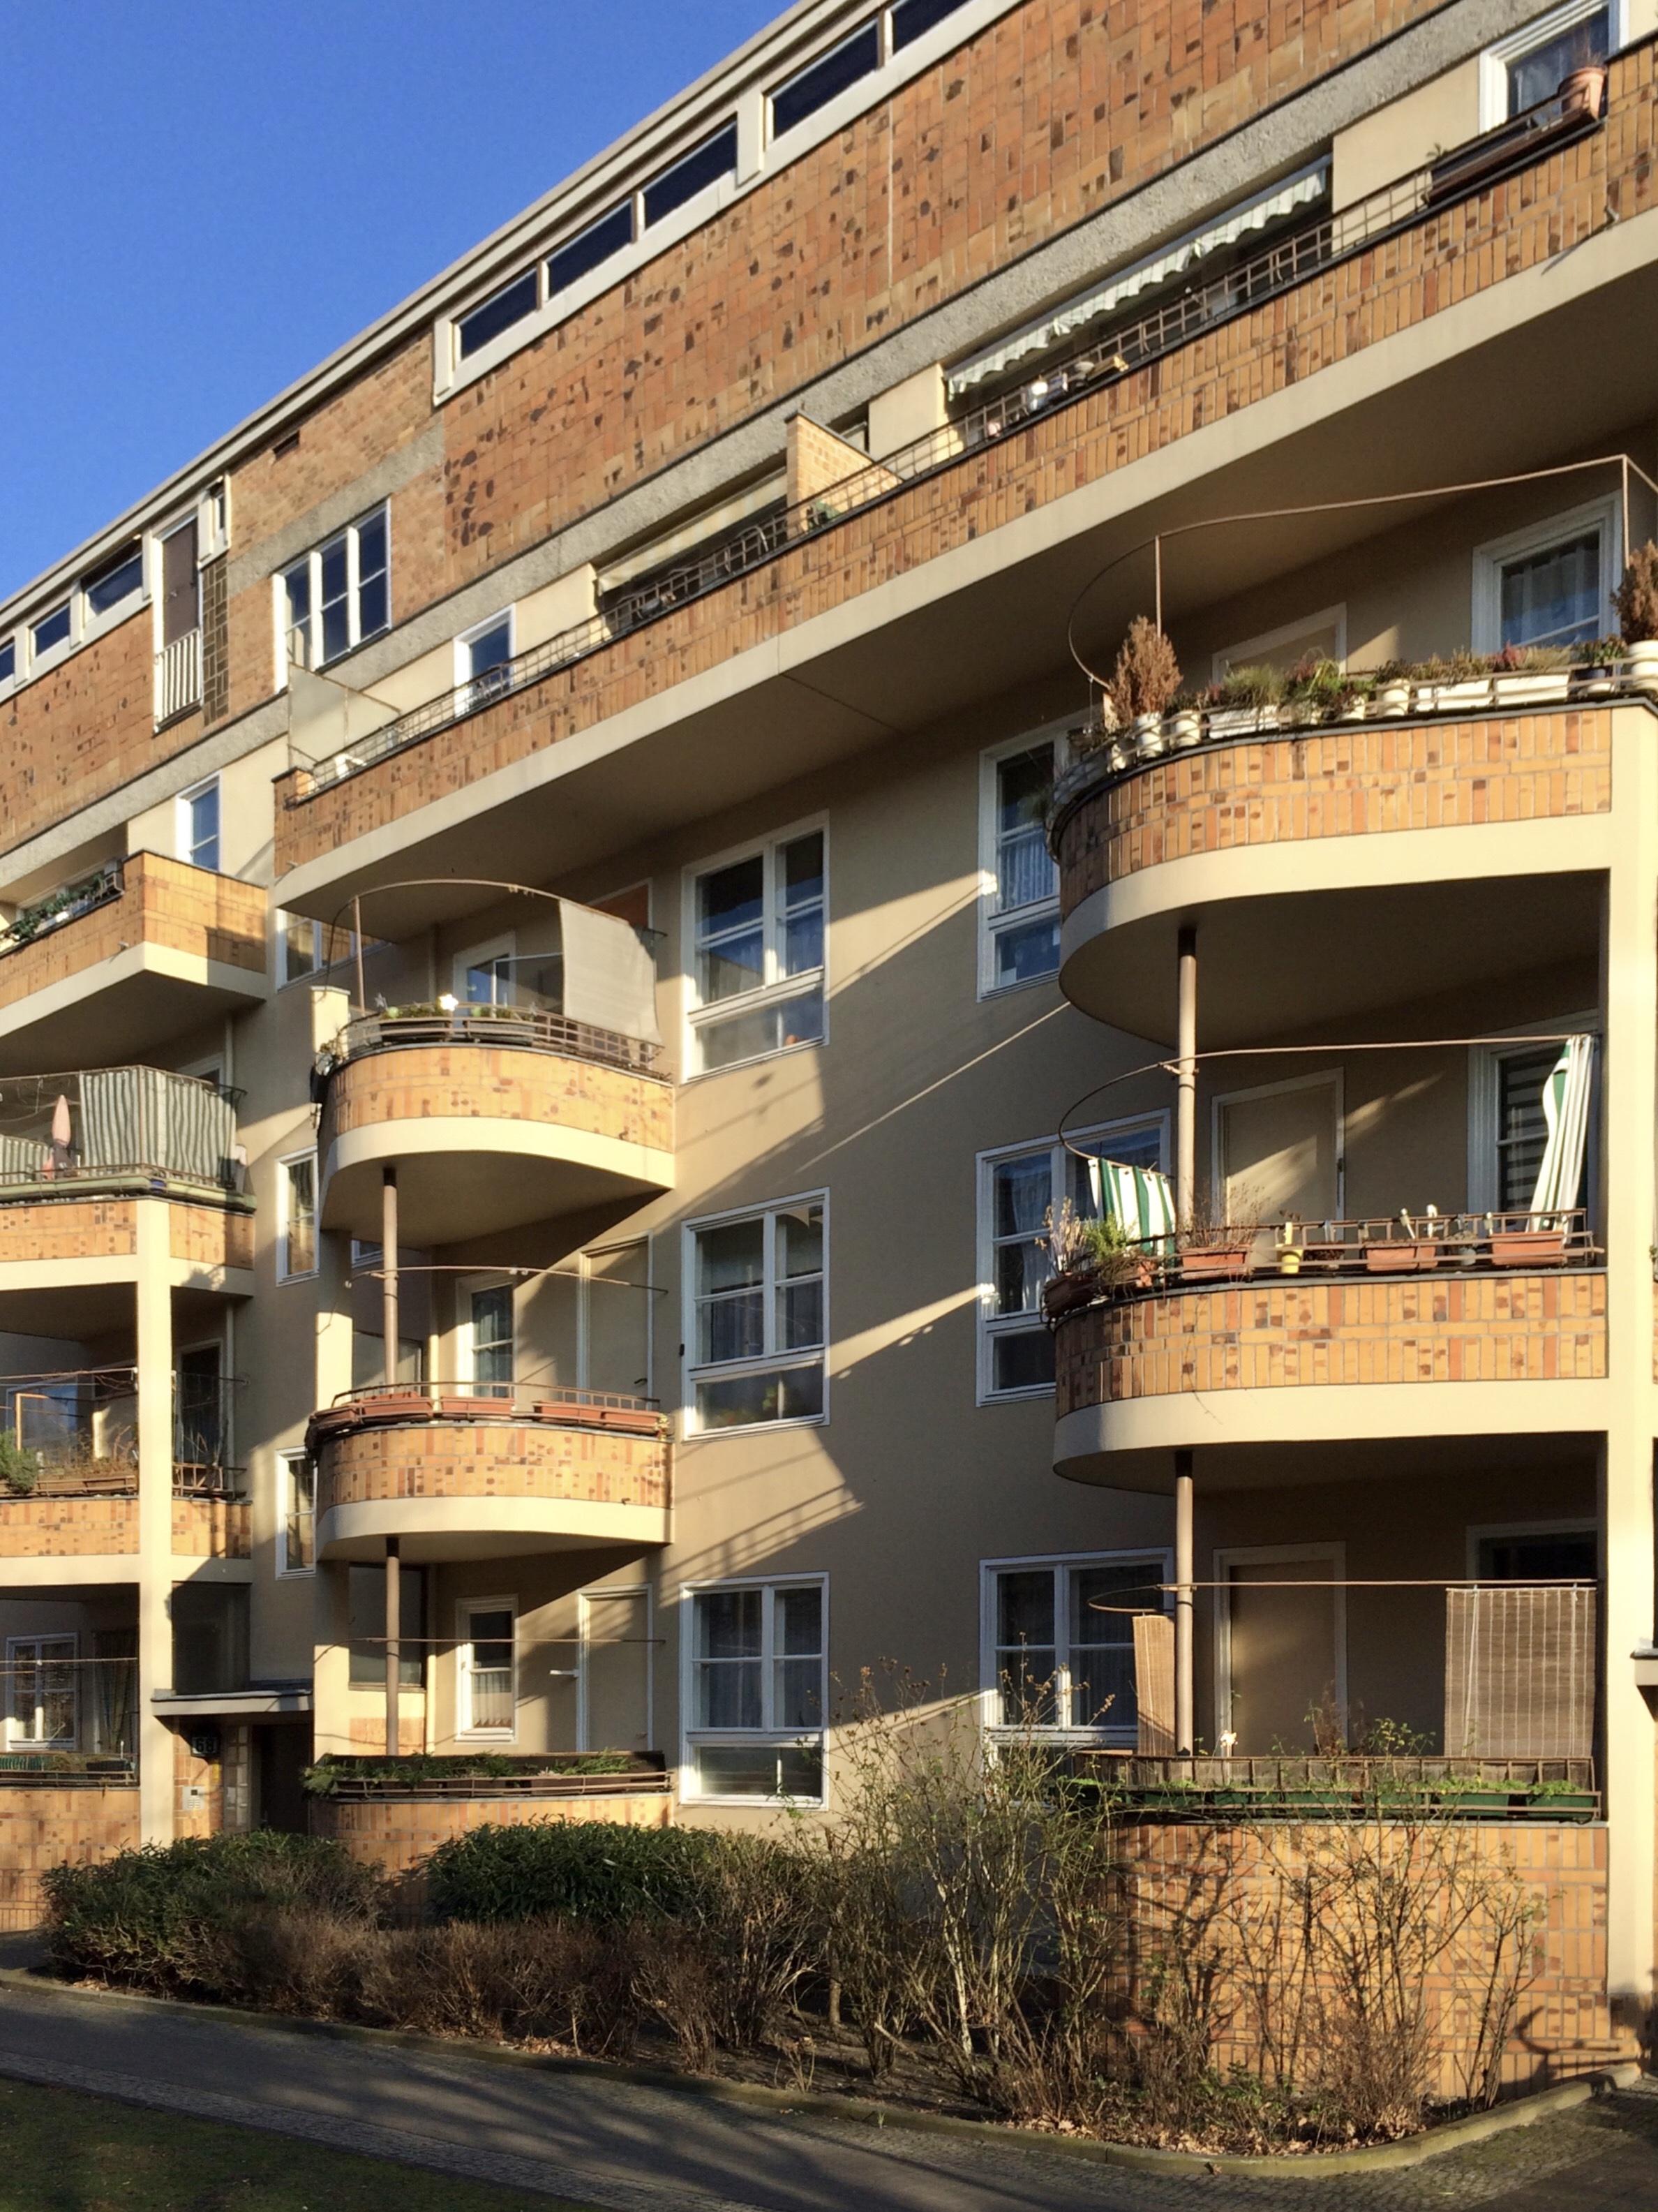 Runde Balkone: Architektur der 1920er